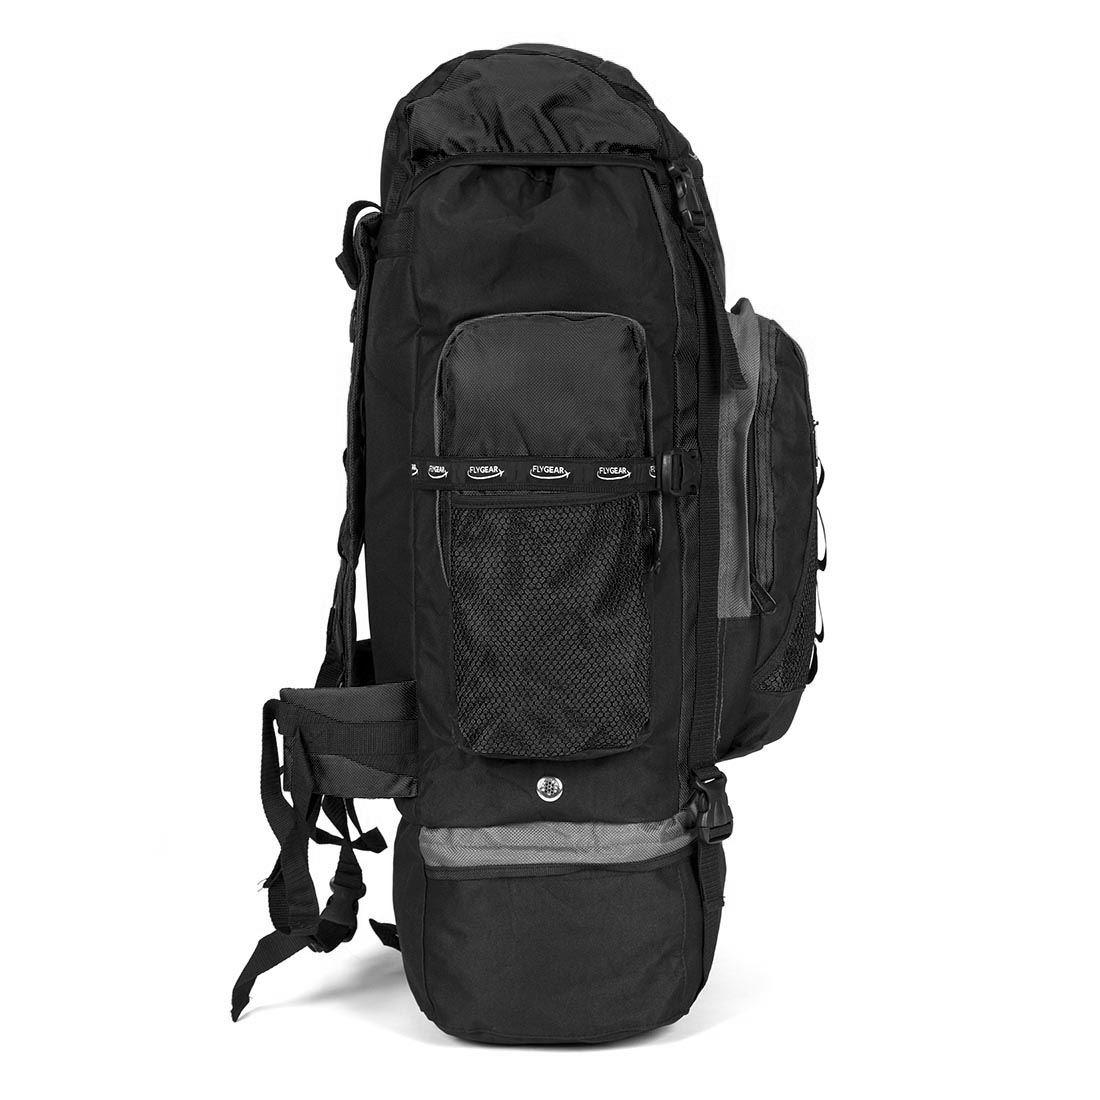 extra large 120 l camping backpack hiking travel rucksack. Black Bedroom Furniture Sets. Home Design Ideas